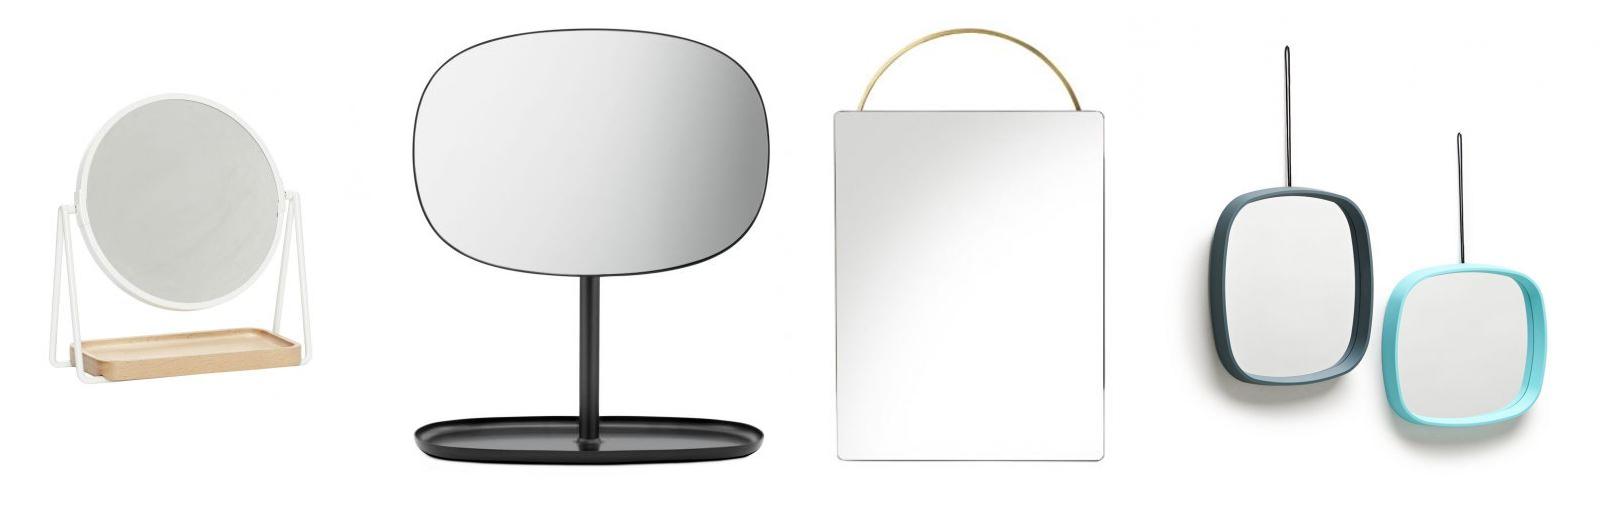 Designová zrcadla, stolní zrcadla